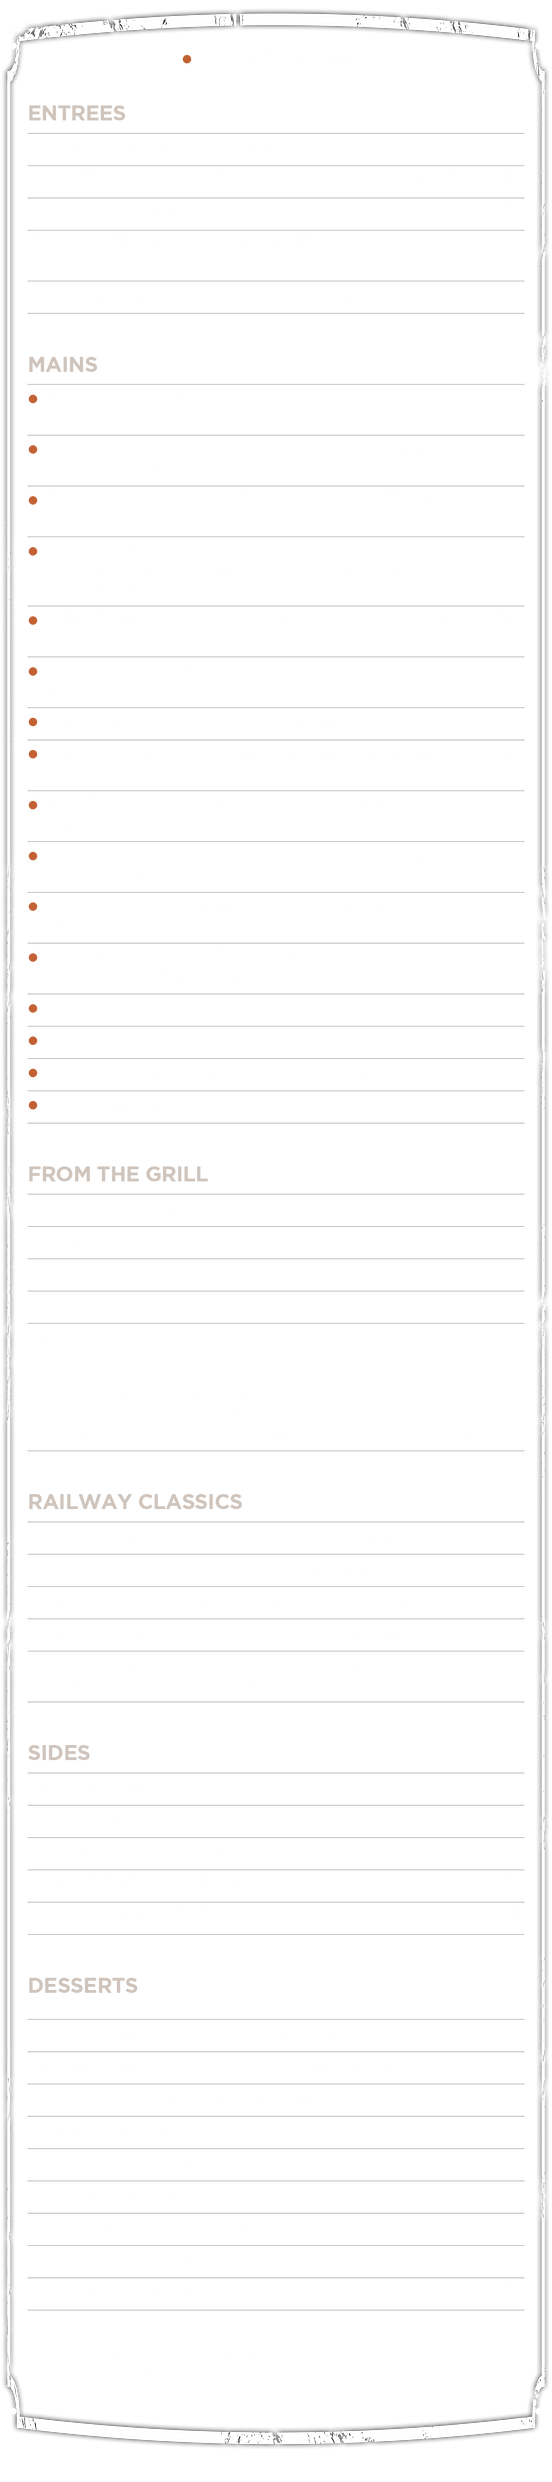 Railway website menu - 7 May 2021.png